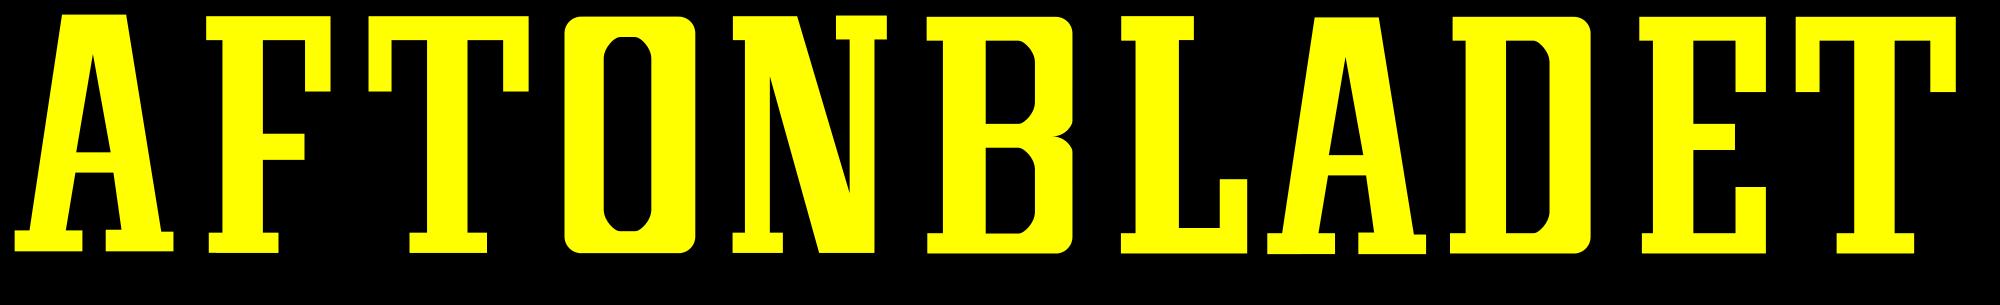 svensk netflix guide